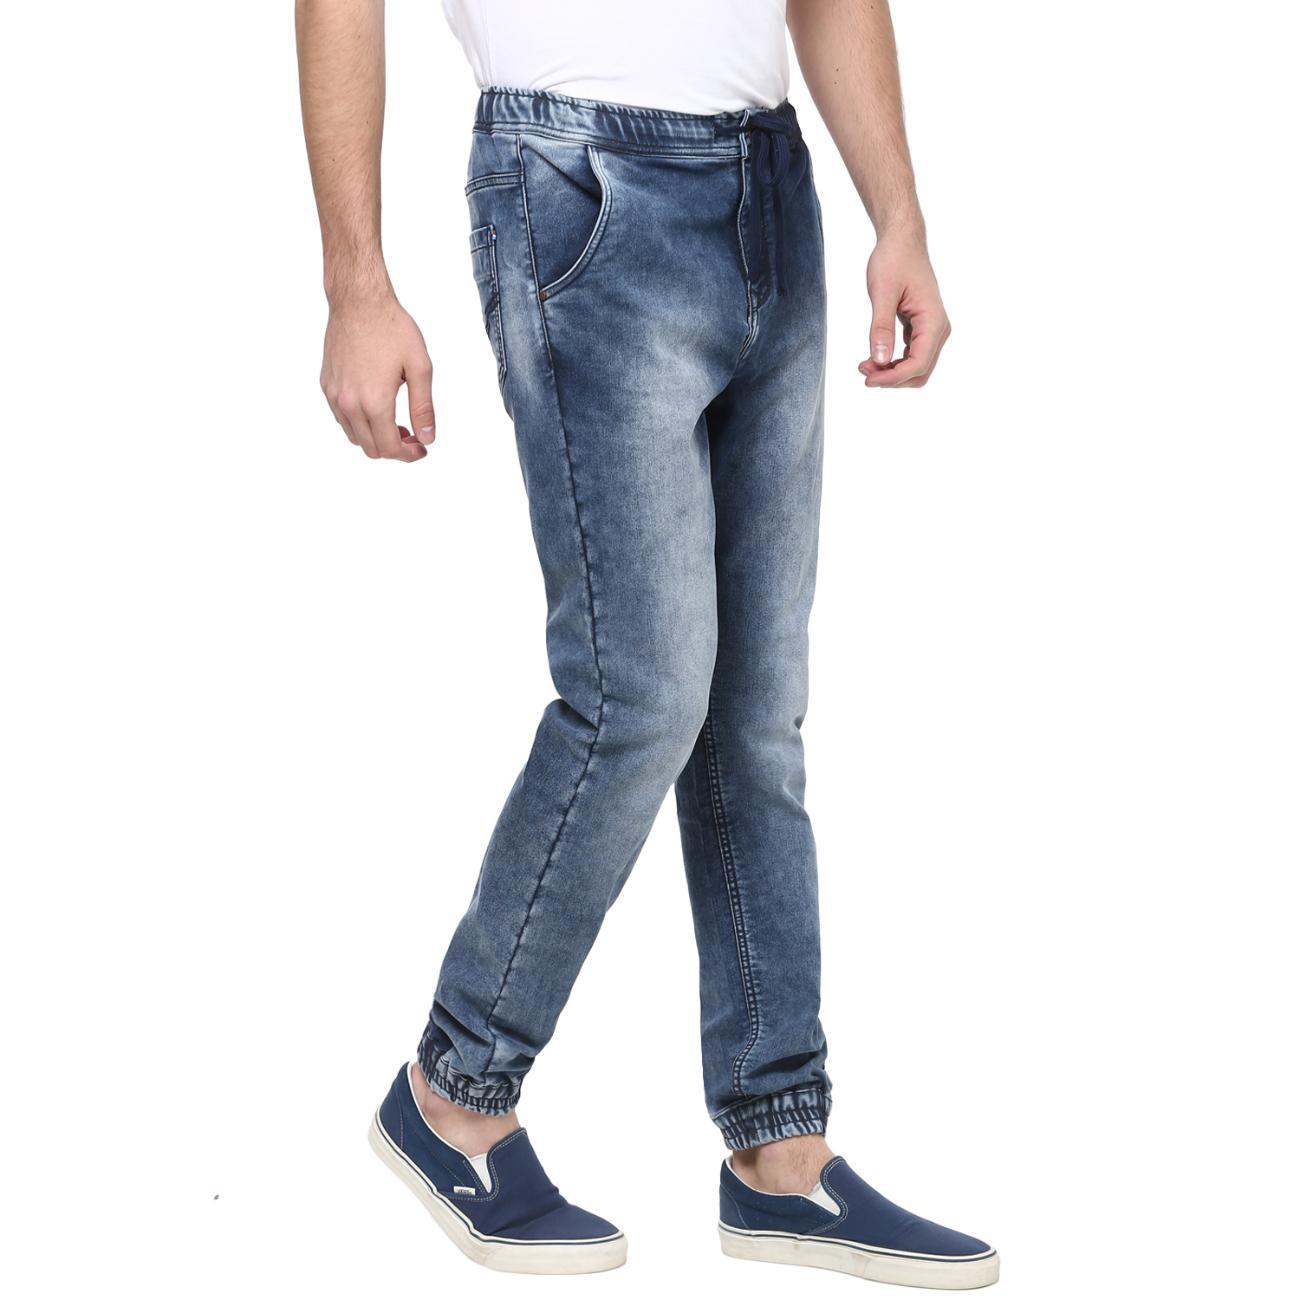 Buy Blue Denim Joggers for Men